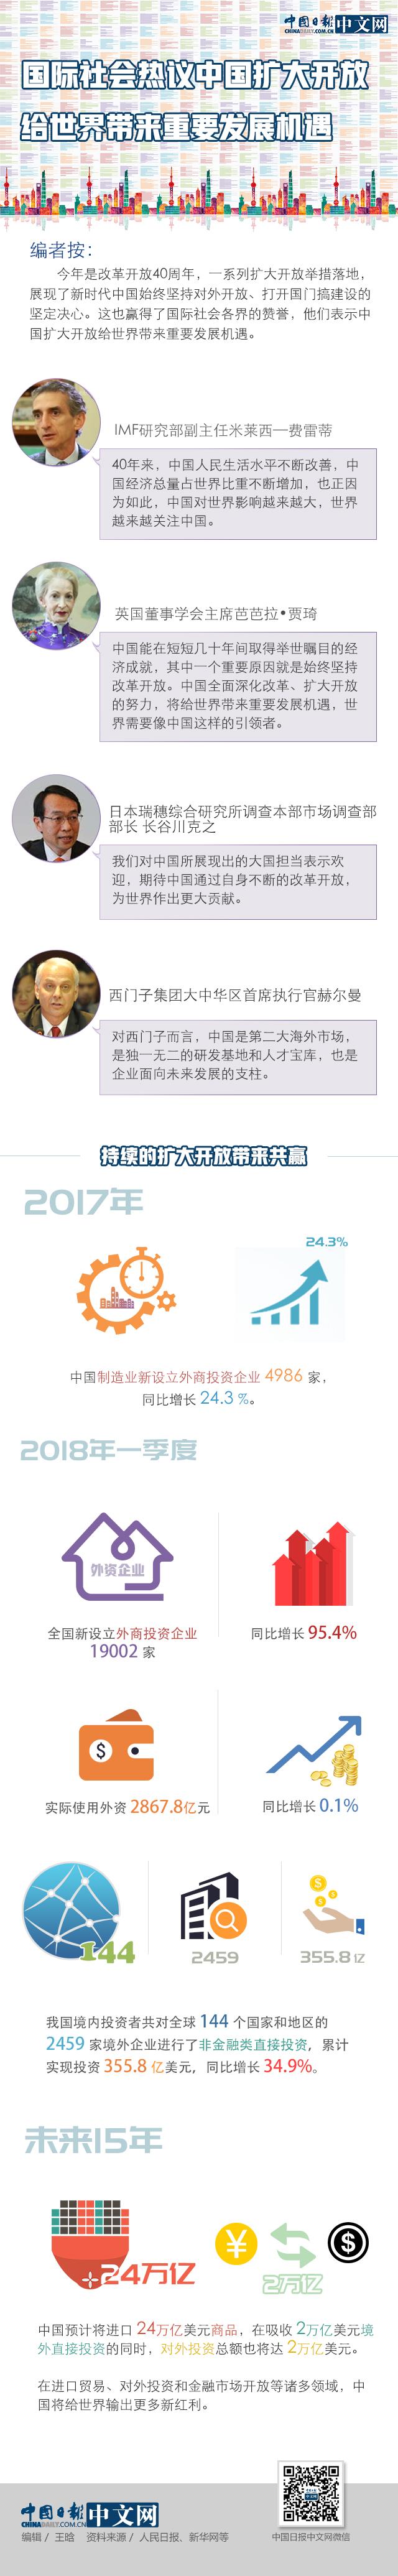 国际社会pdp是什么意思热议中国扩大开放:给世界带来重要发展机遇